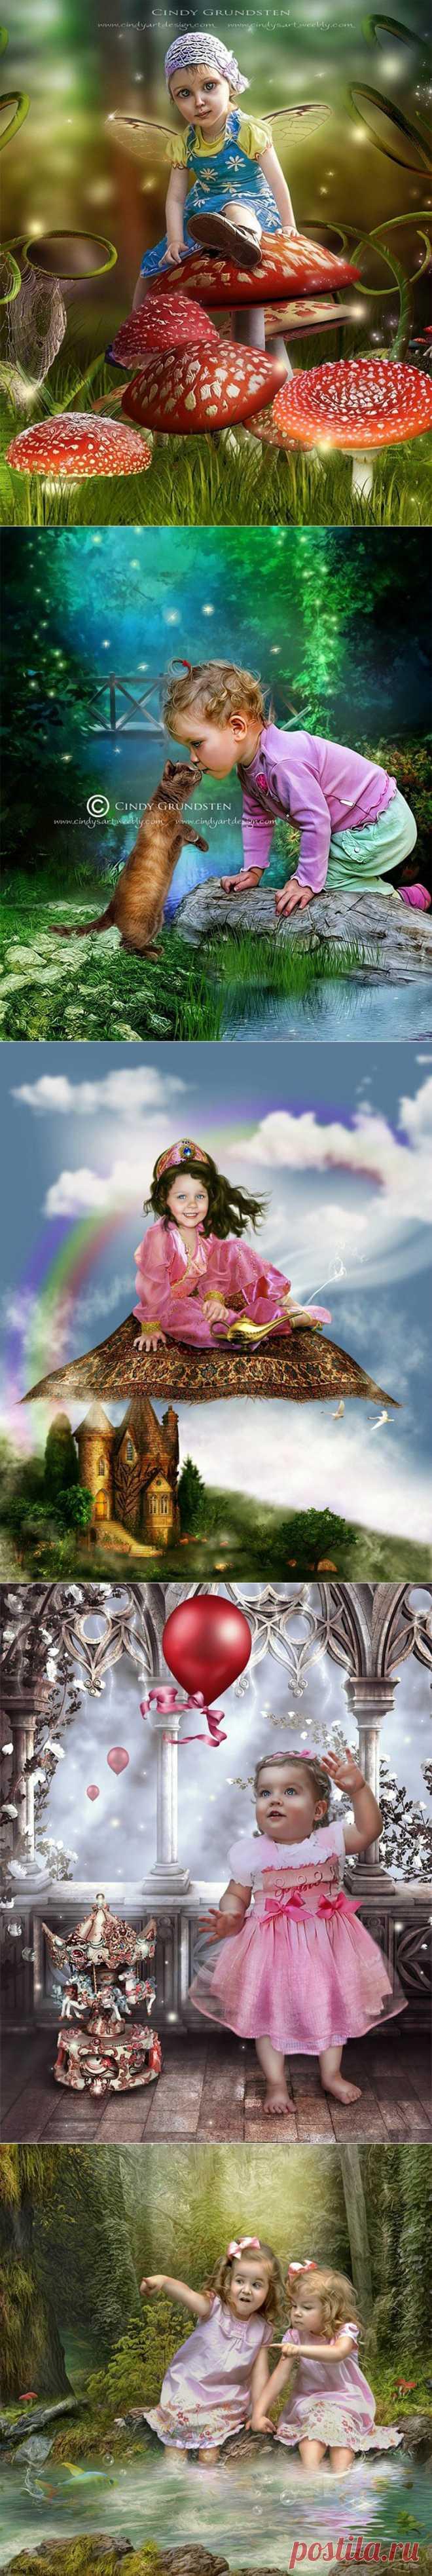 Волшебный мир детства от Cindy Grundsten.